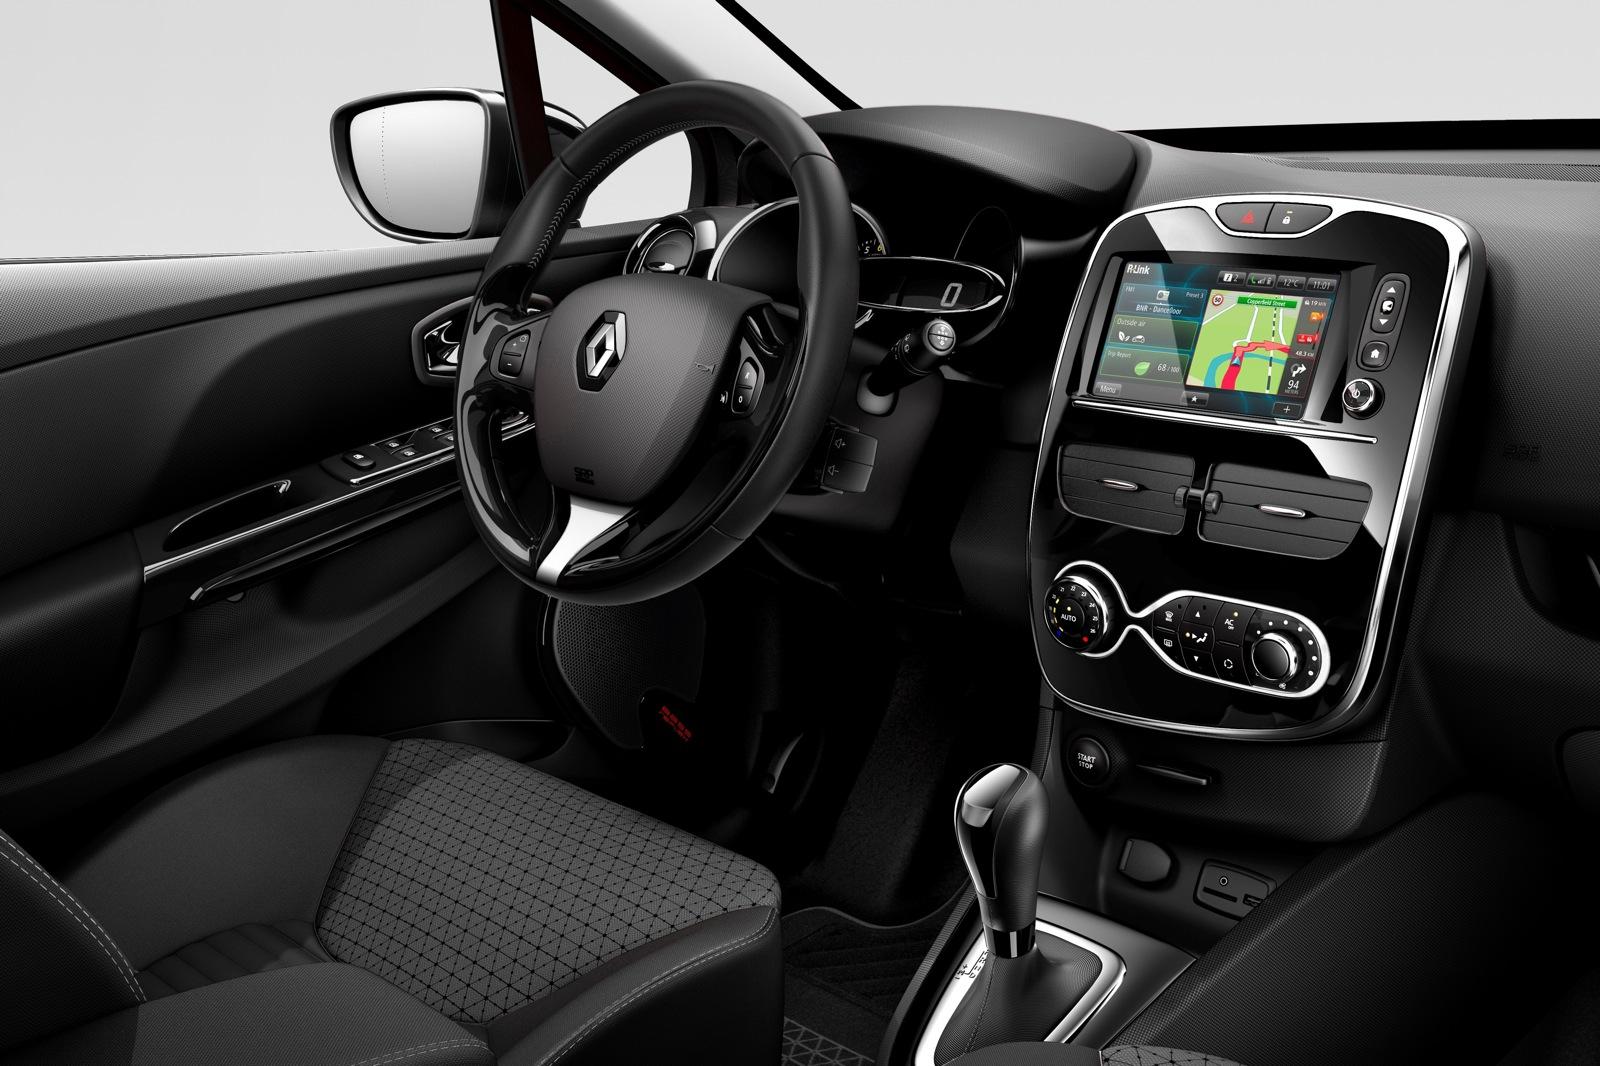 Renault Clio 2014 Interior Interior Renault Clio